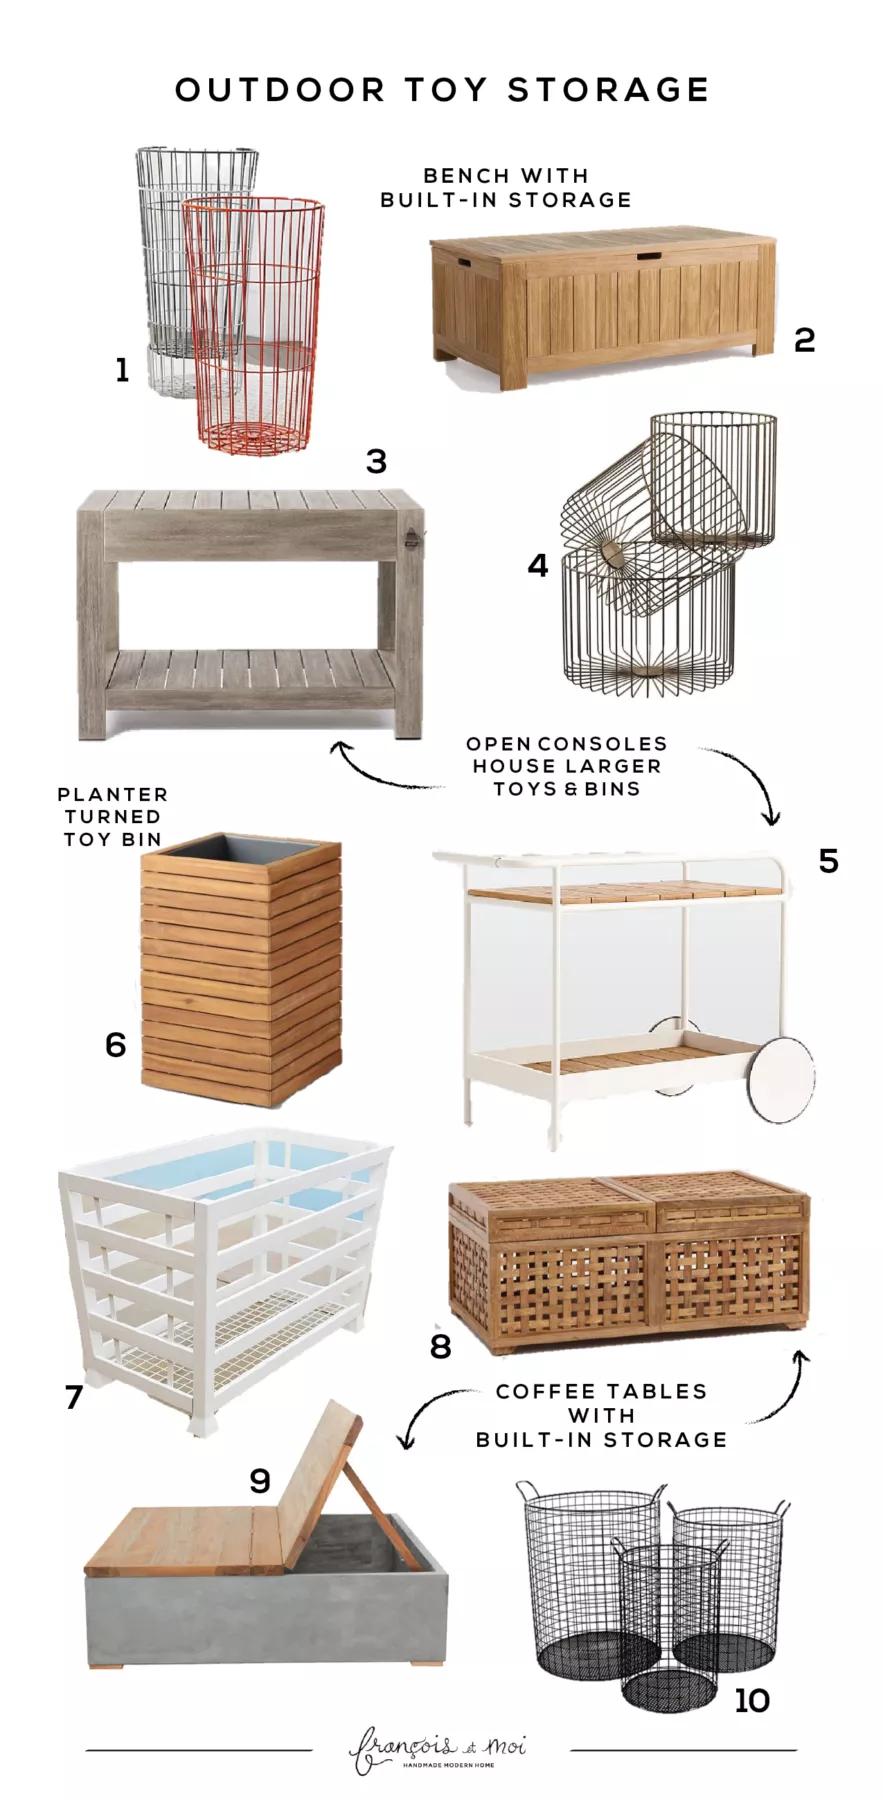 10 Outdoor Toy Storage Ideas - Francois et Moi